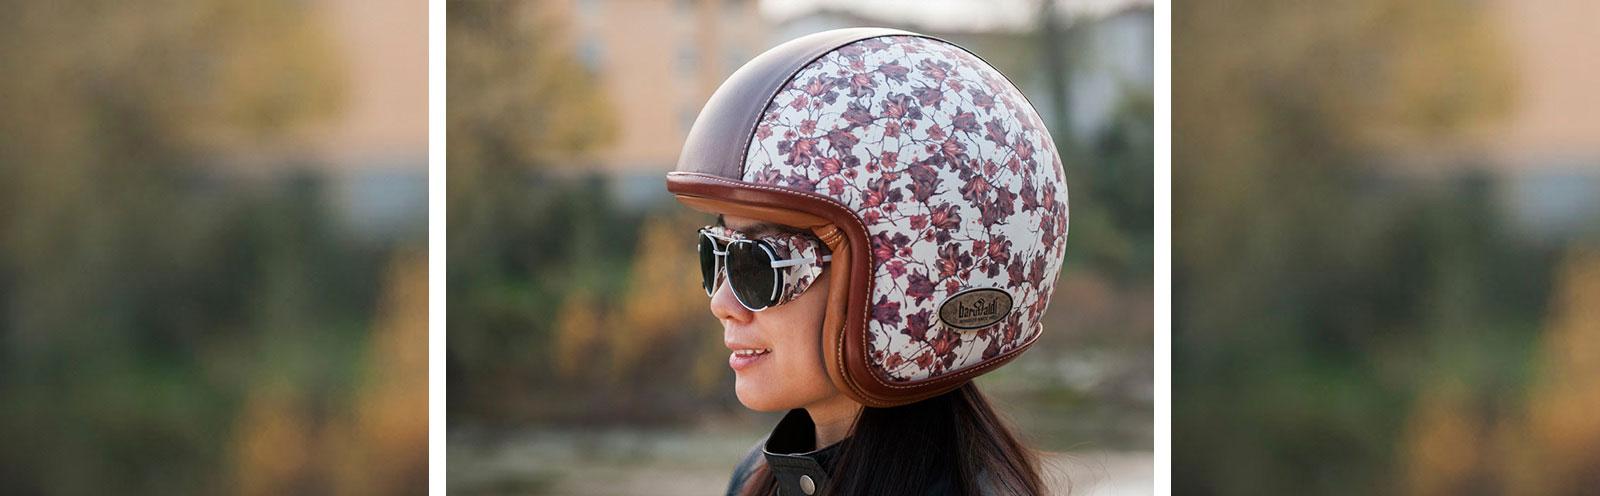 casco in pelle Baruffaldi con occhiali in pelle coordinati